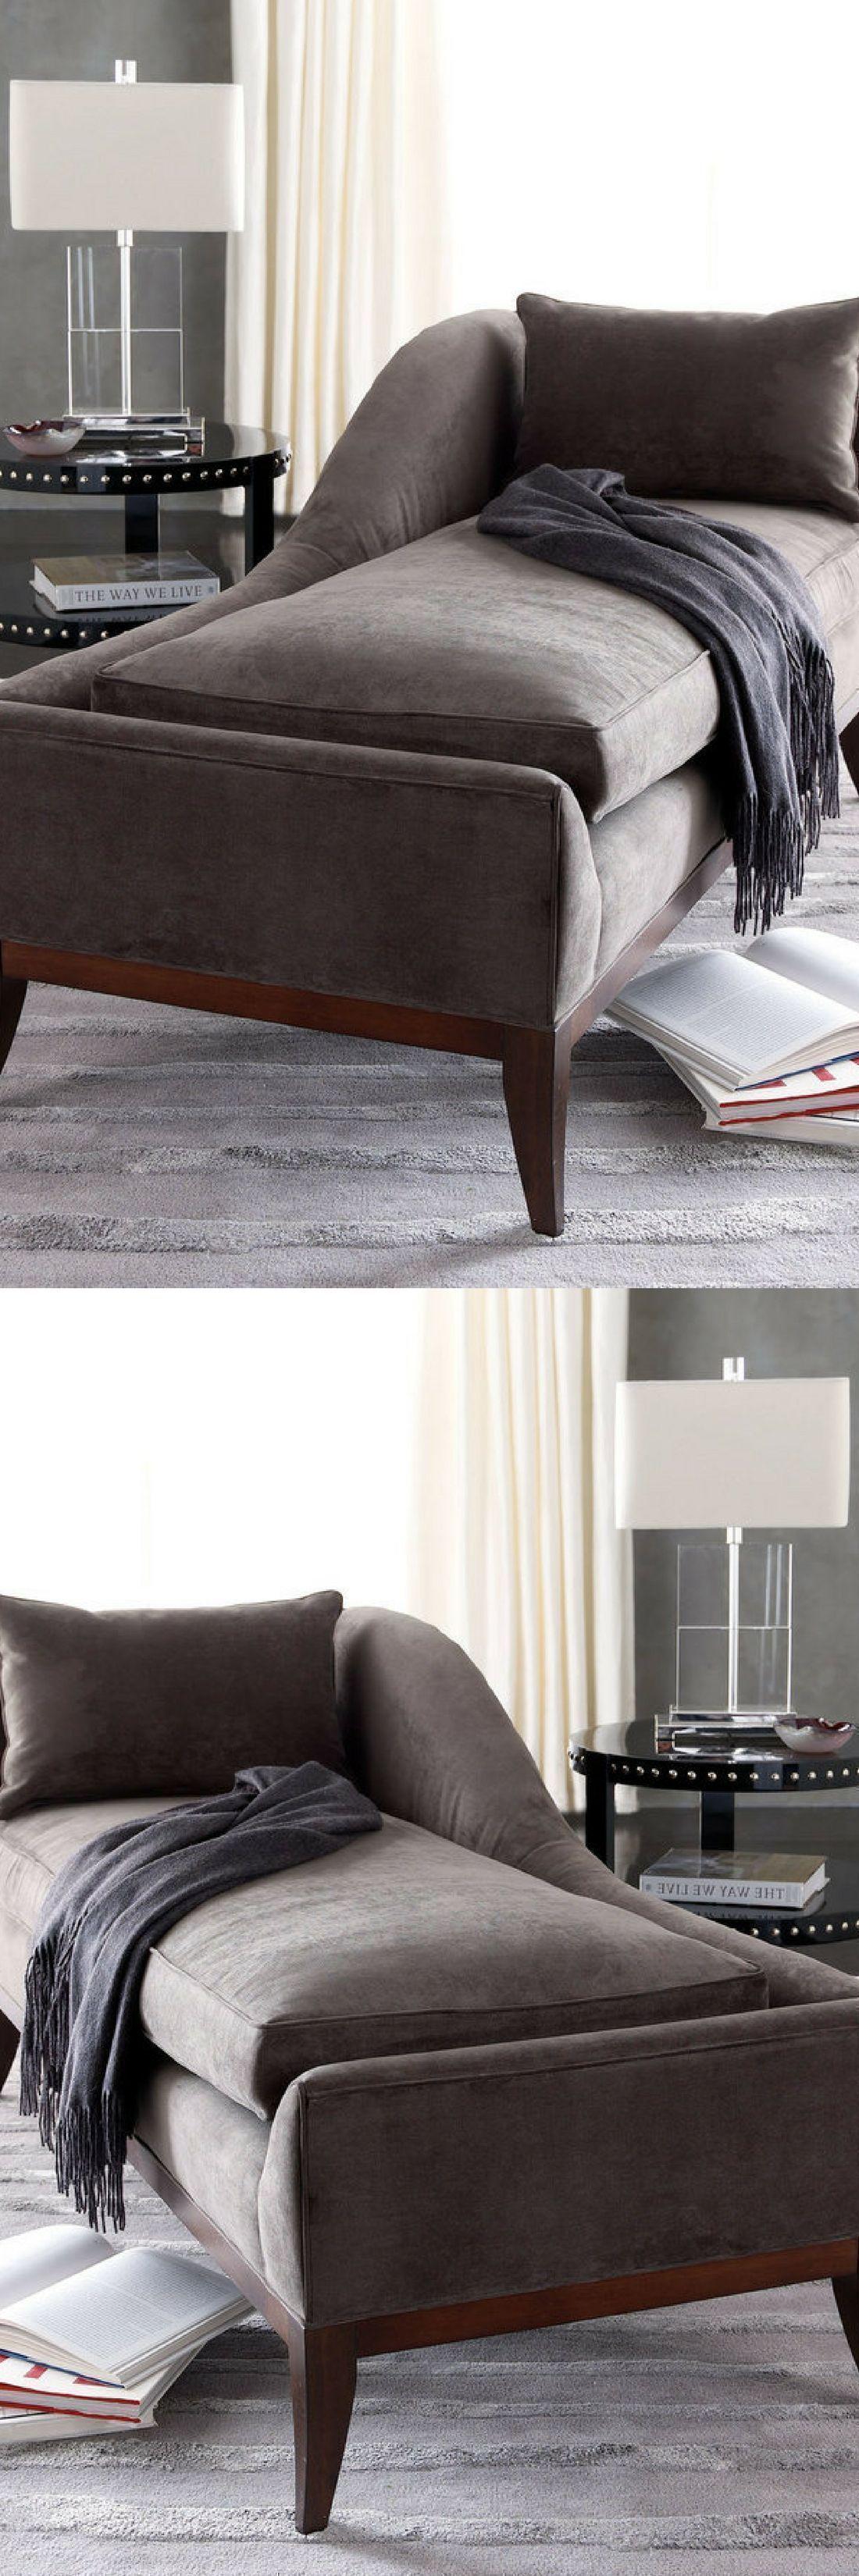 Swag Velvet Chaise Home Decor Ideas, Living Room, Living Room